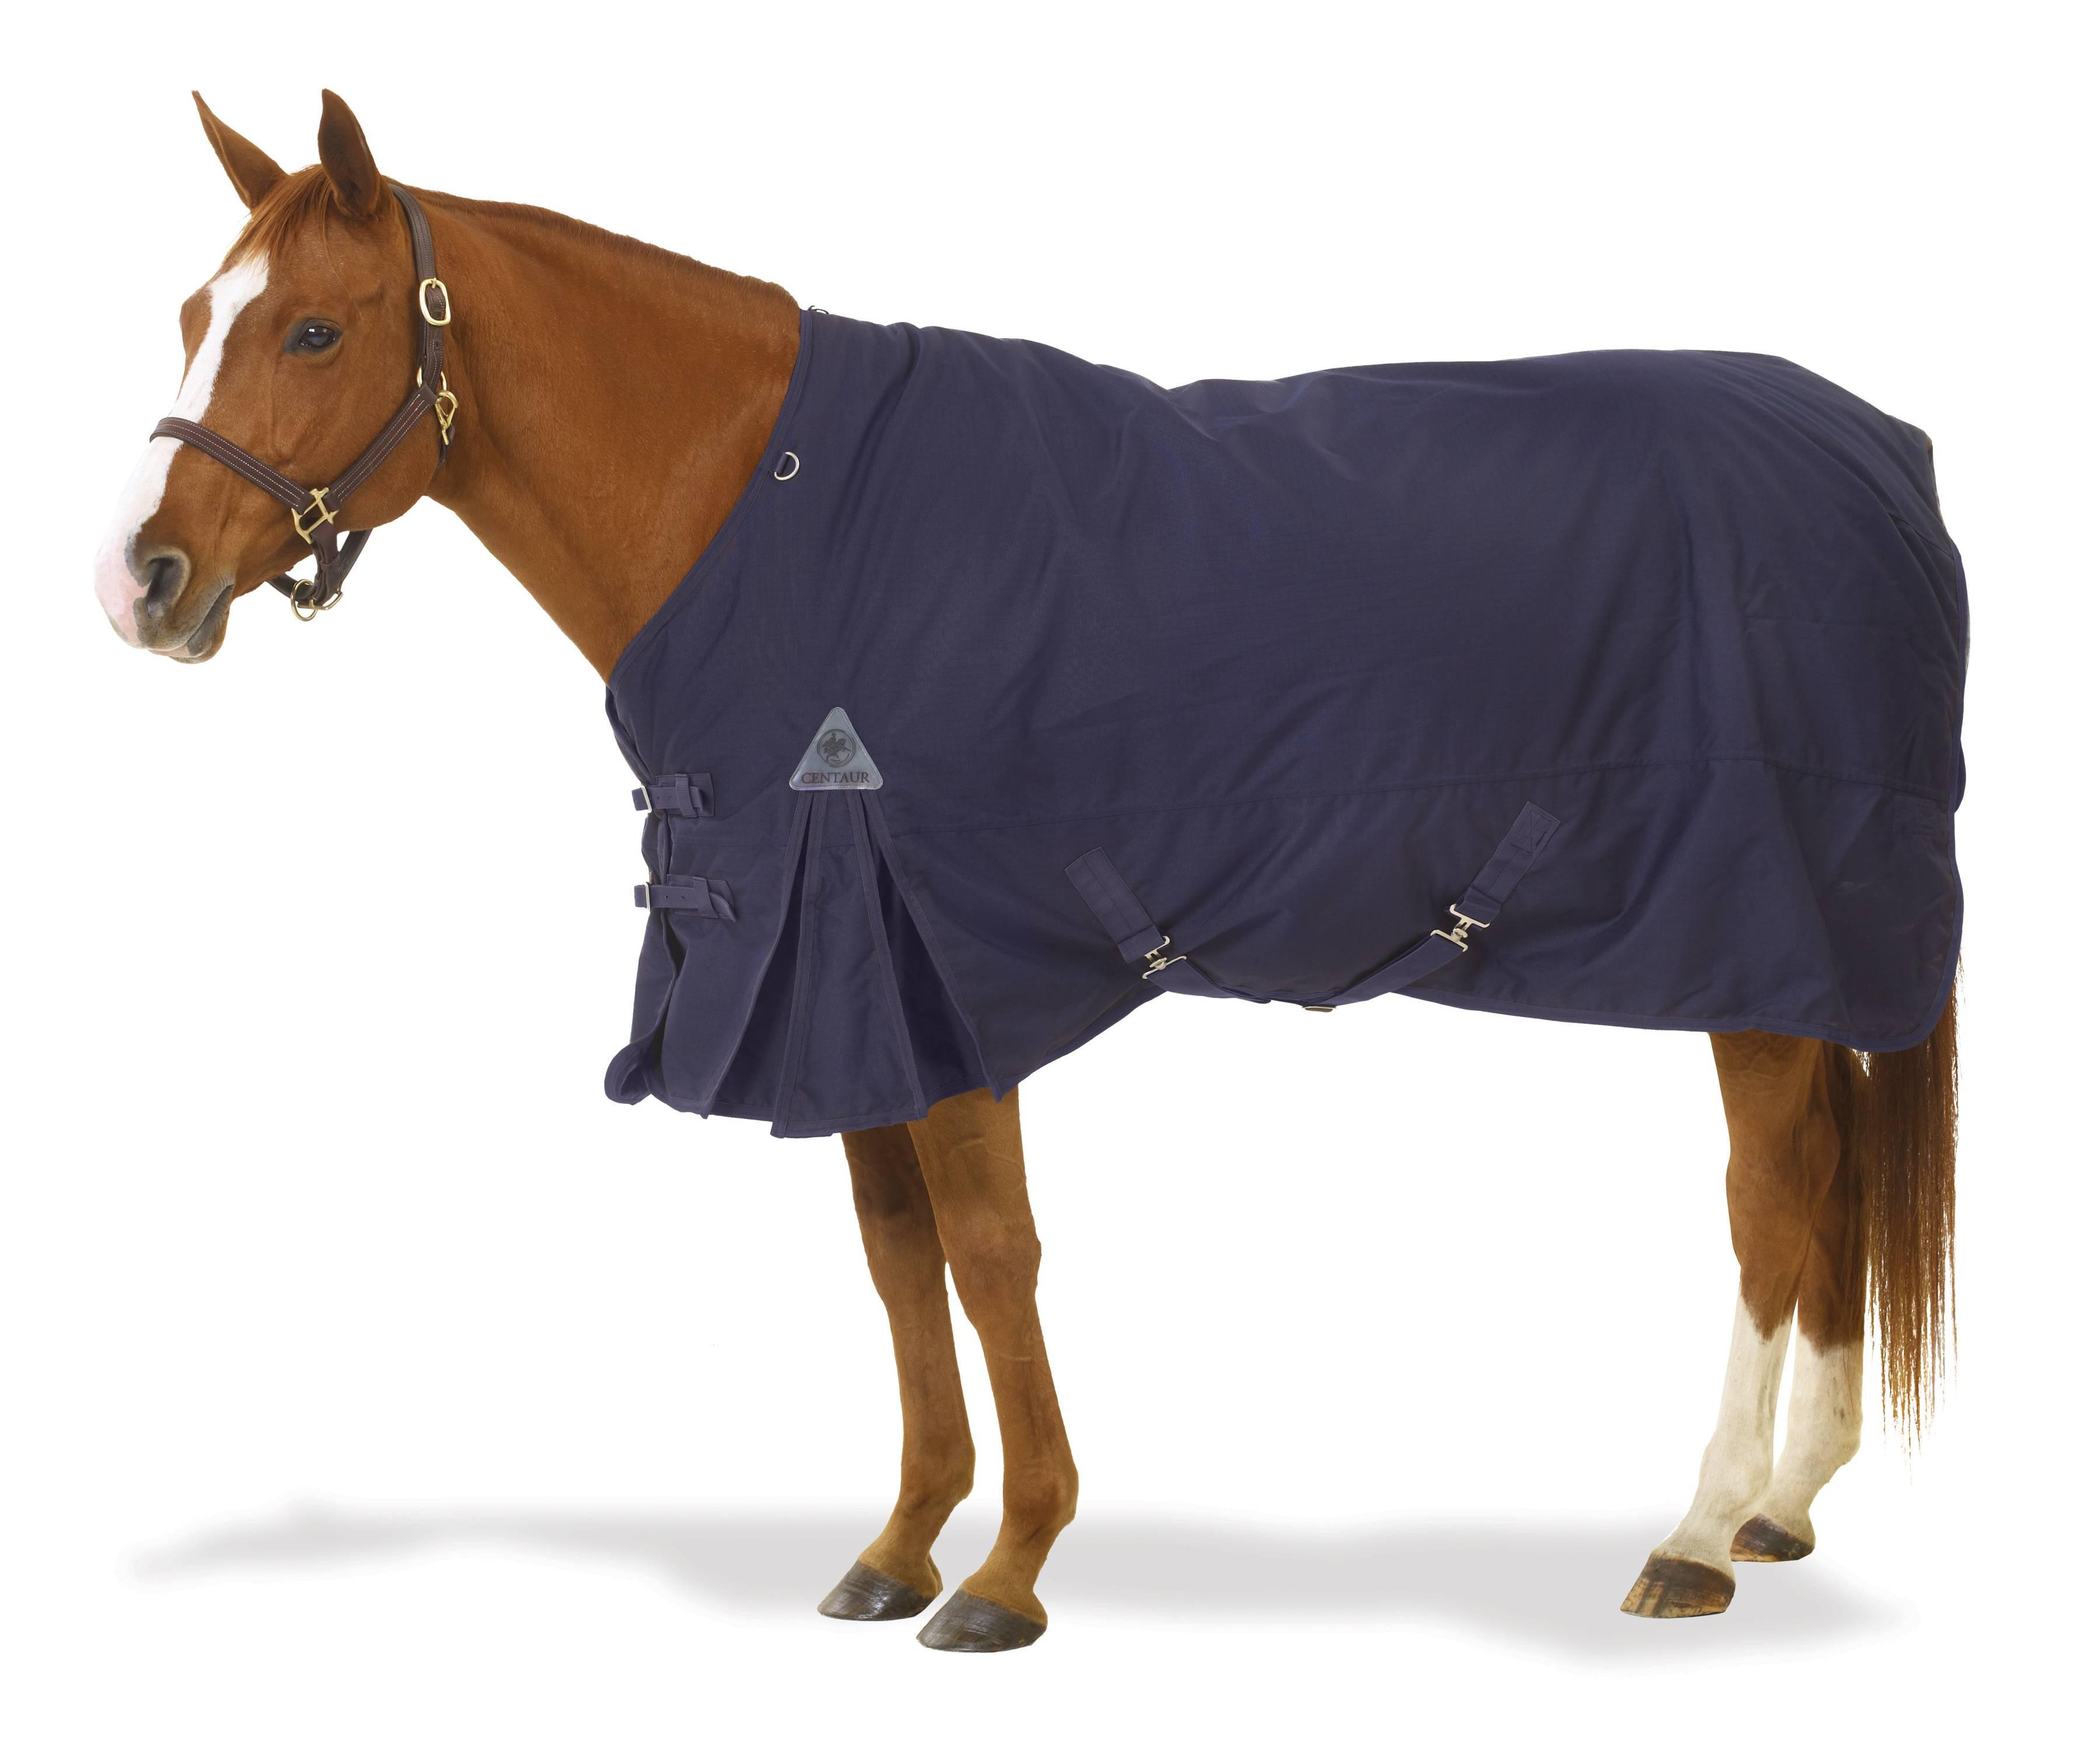 Centaur 1200D Turnout Blanket - Medium (150g)